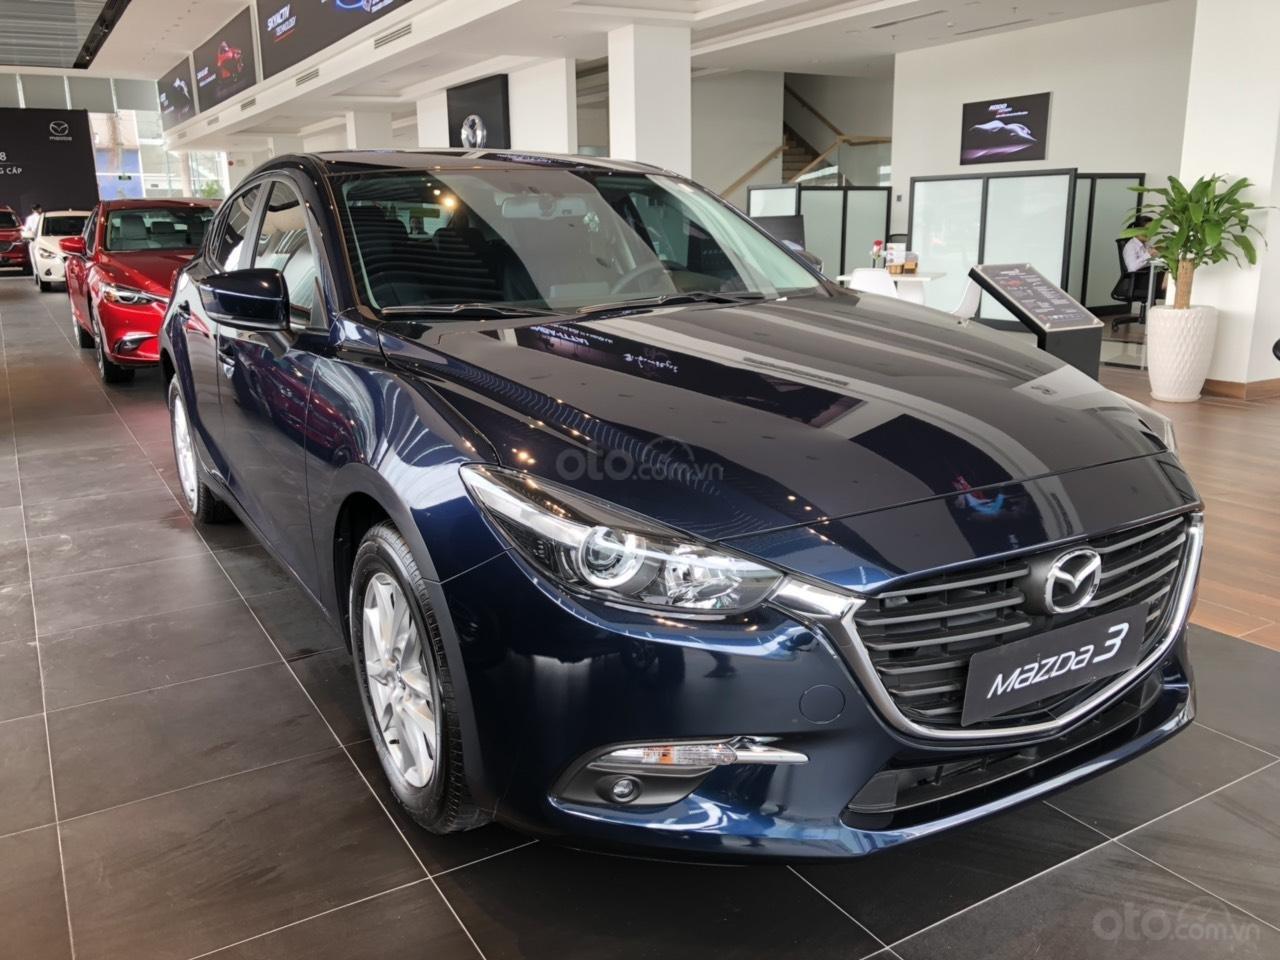 2019 Mazda 3 1.5AT Luxury ưu đãi đến 70 triệu (2)